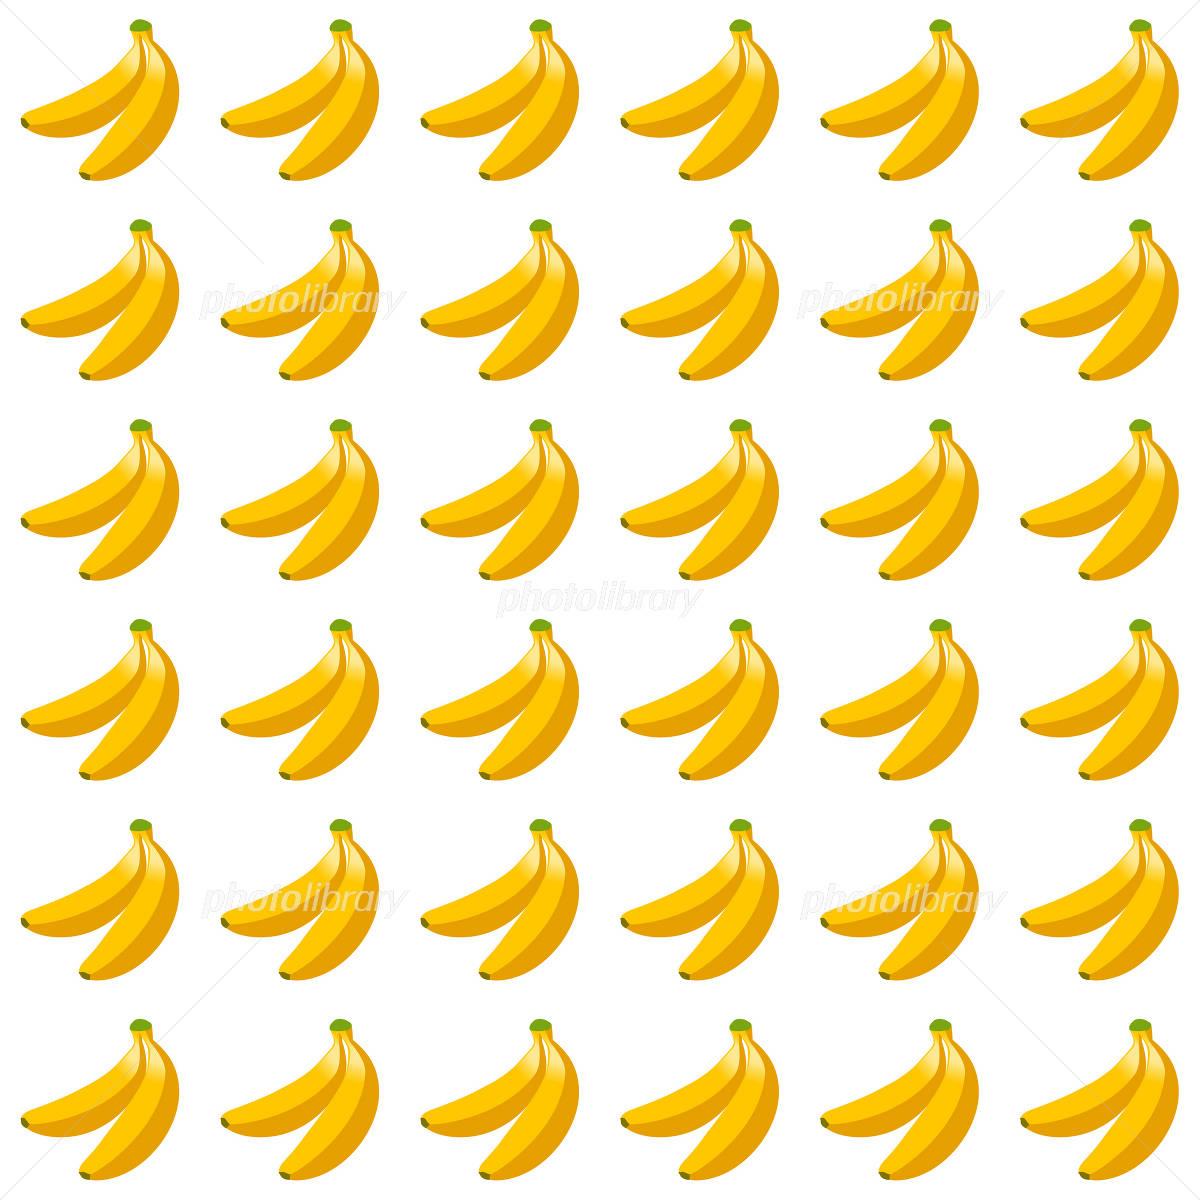 バナナ イラスト素材 964622 フォトライブラリー Photolibrary